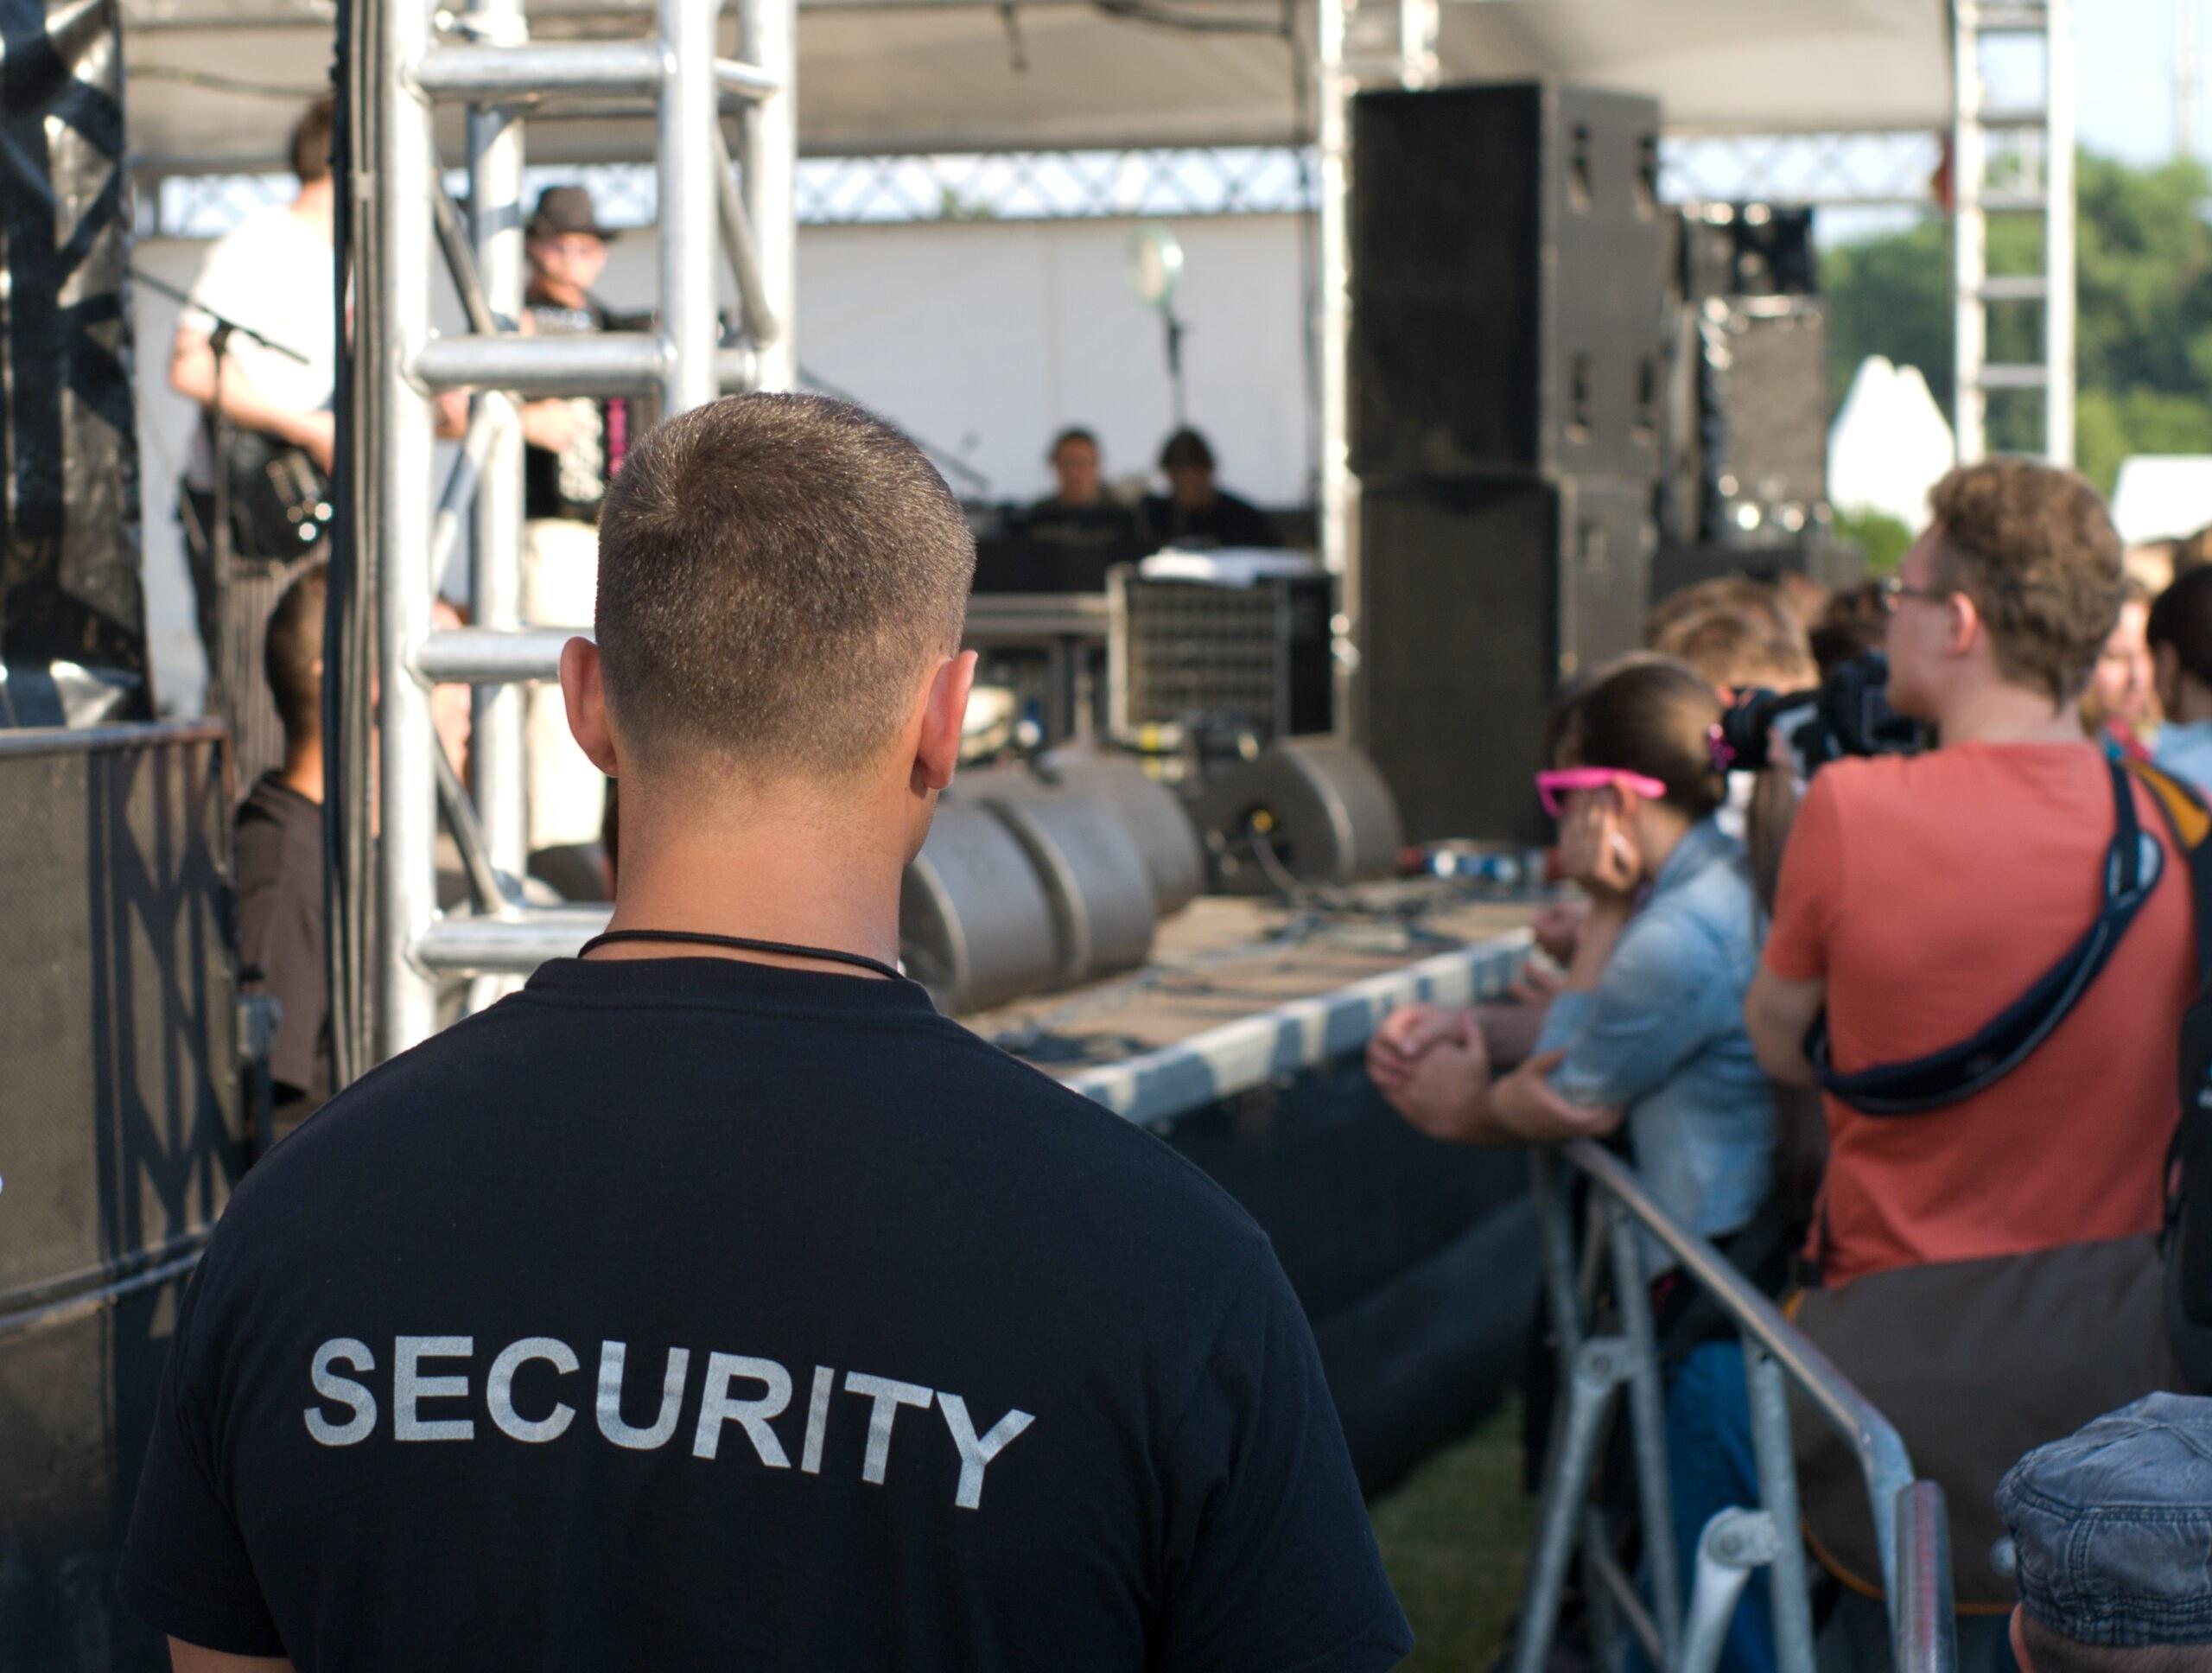 Standwache garbsen, Messewache, Messeschutz, Standschutz, Sicherheitsdienst, Messebewachung